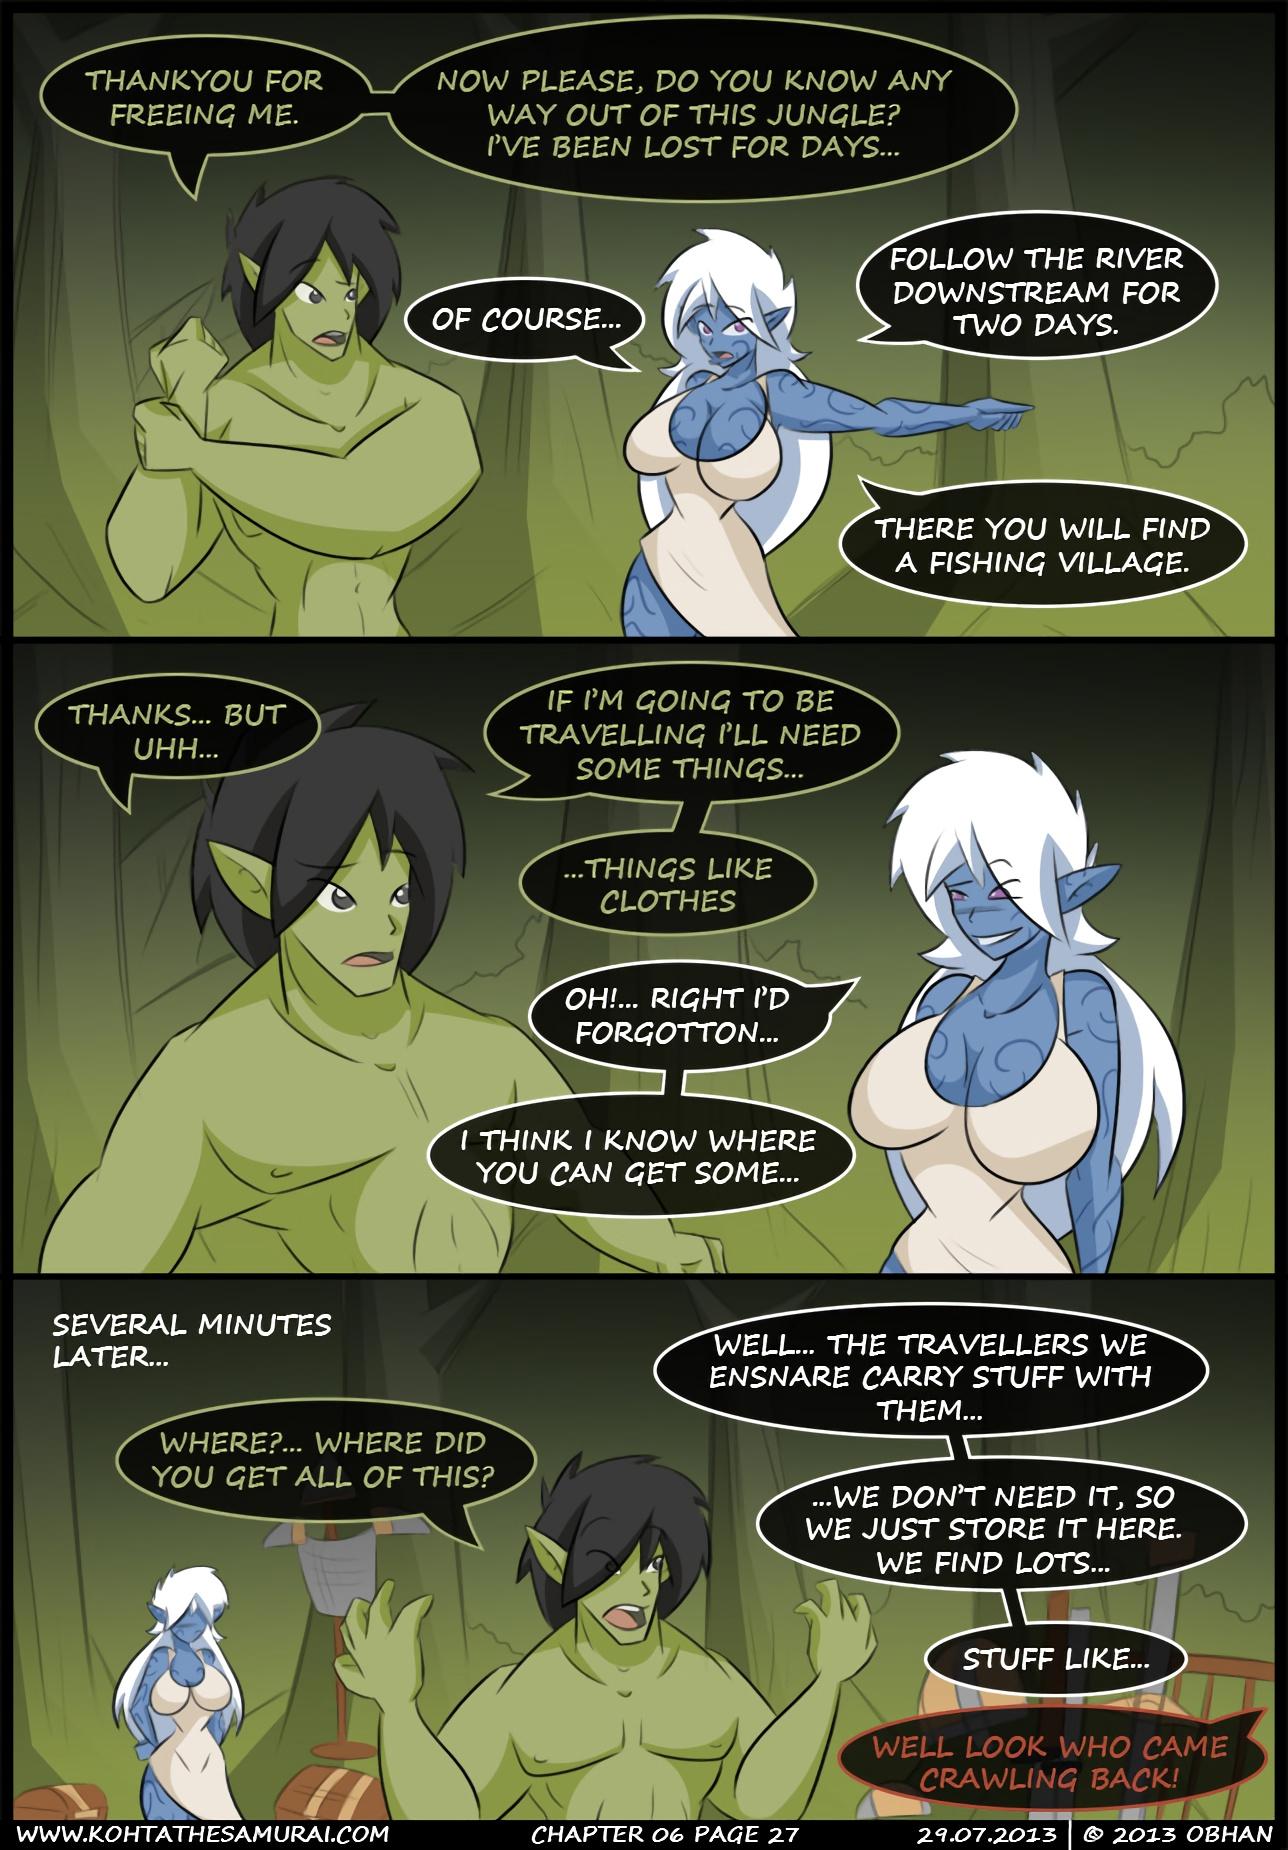 Kohta The Samurai 06-10 porn comics Big Tits, Blowjob, Cum Shots, cunnilingus, Elf, Fantasy, fingering, Group Sex, Lesbians, Masturbation, Oral sex